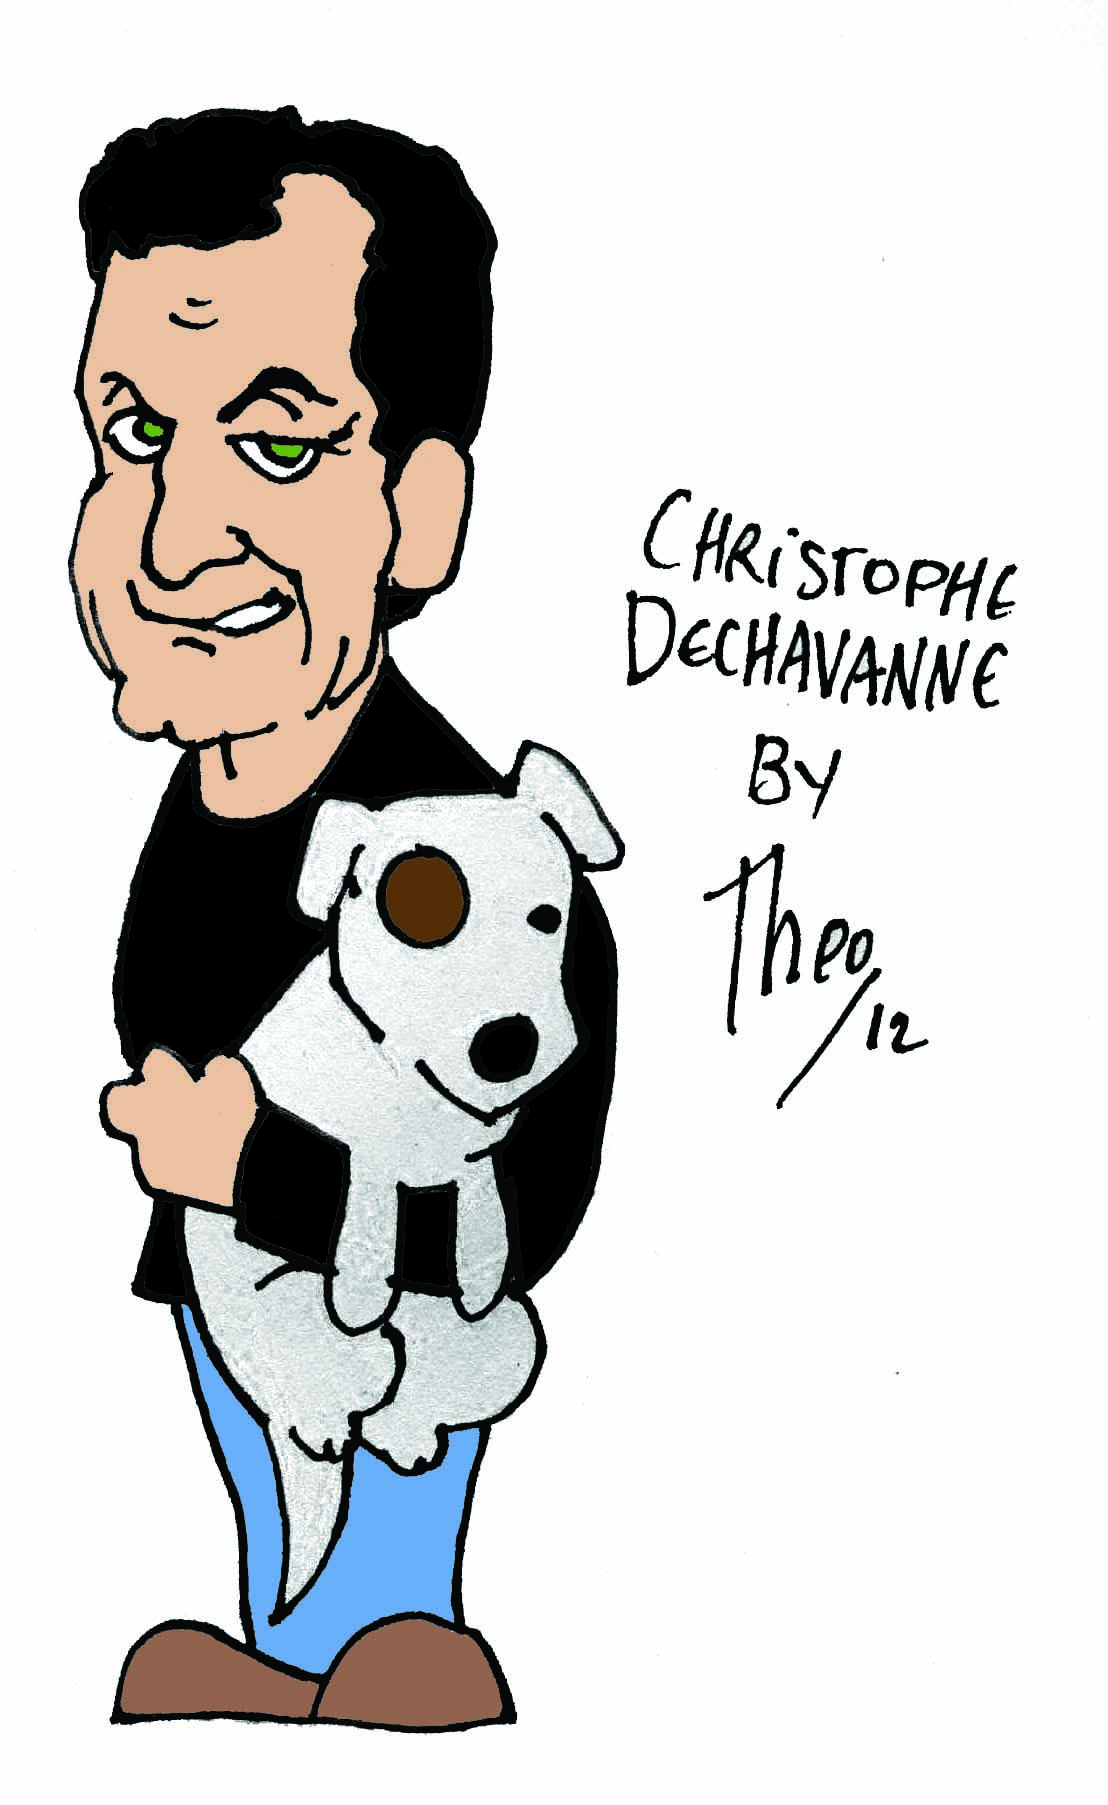 Christophe Dechavanne par Theo